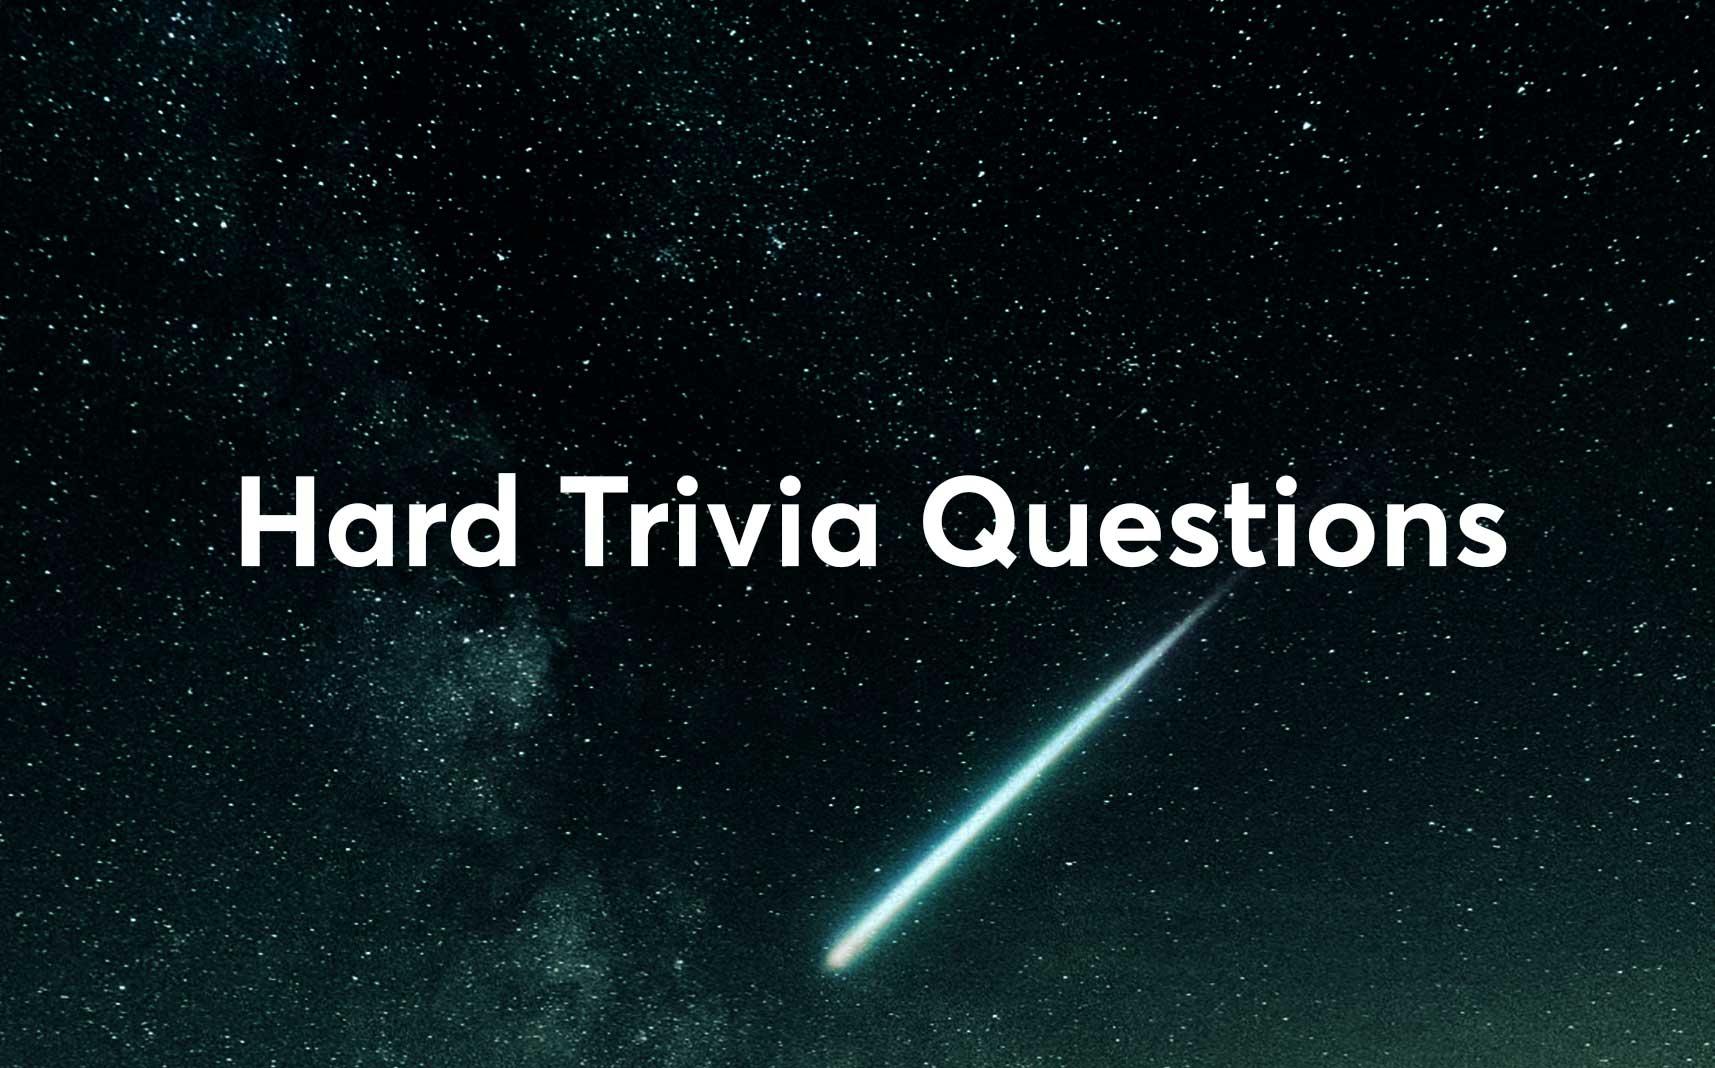 hard trivia questions